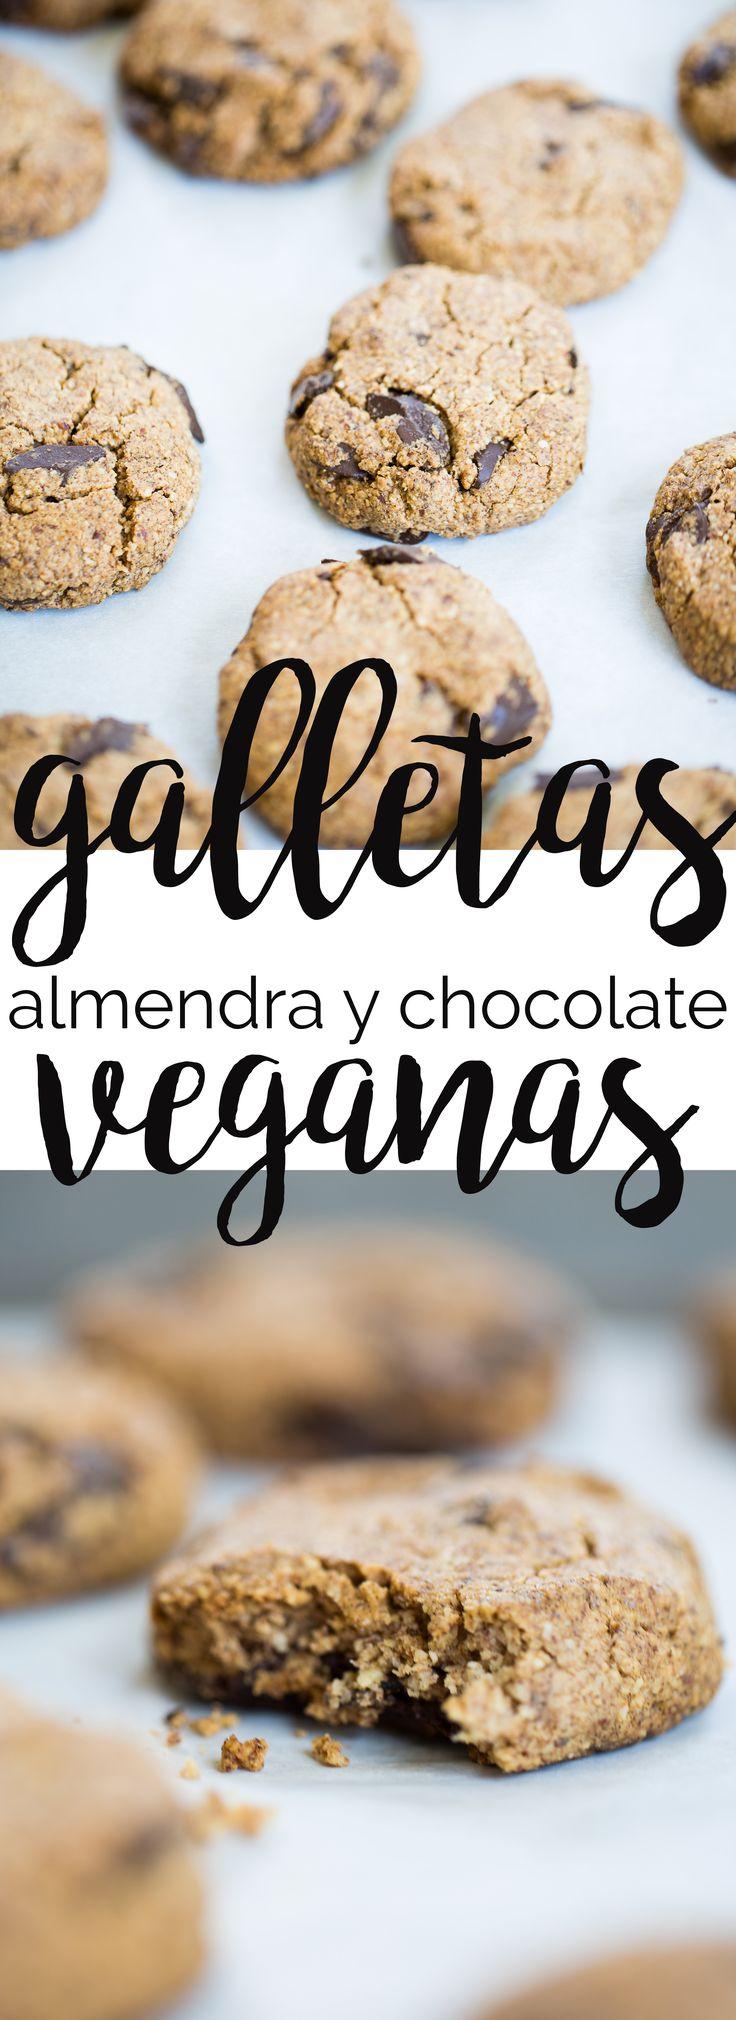 Esta es la receta más rica y fácil que puede haber para hacer galletas veganas de chocochip. Esta receta lleva sólo 4 ingredientes.